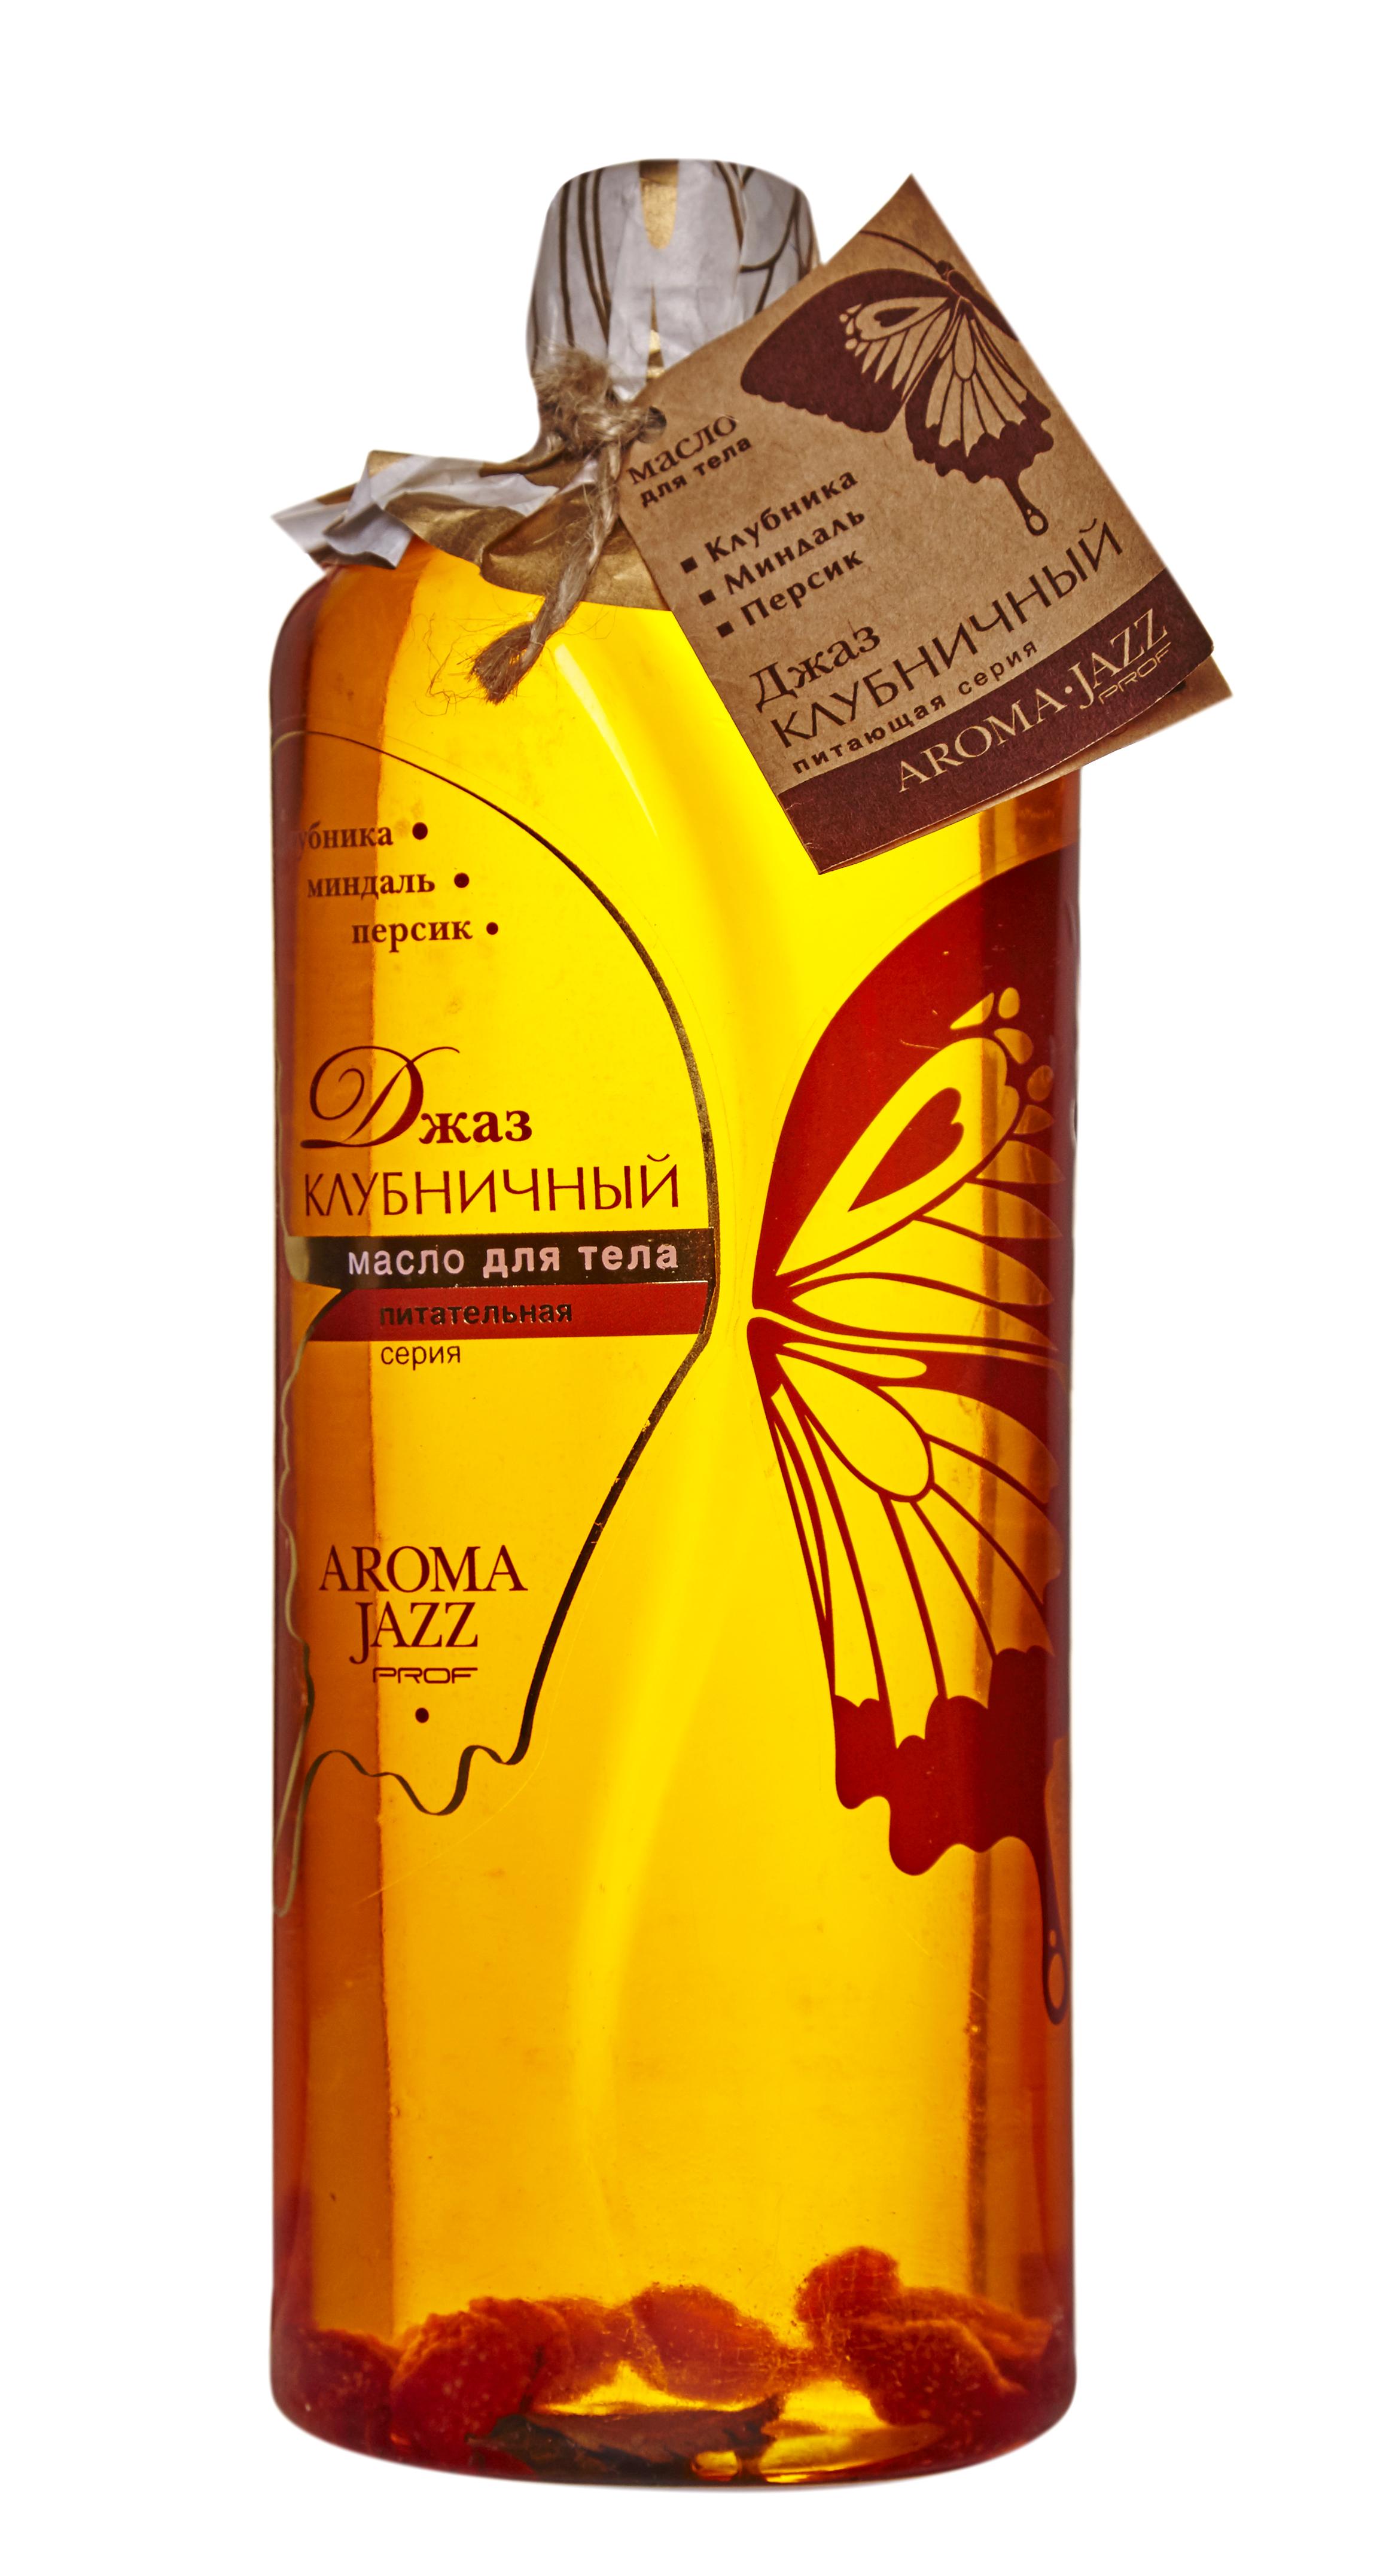 AROMA JAZZ Масло массажное жидкое для тела Клубничный джаз 1000мл aroma jazz твердое масло клубничный джаз 150 мл